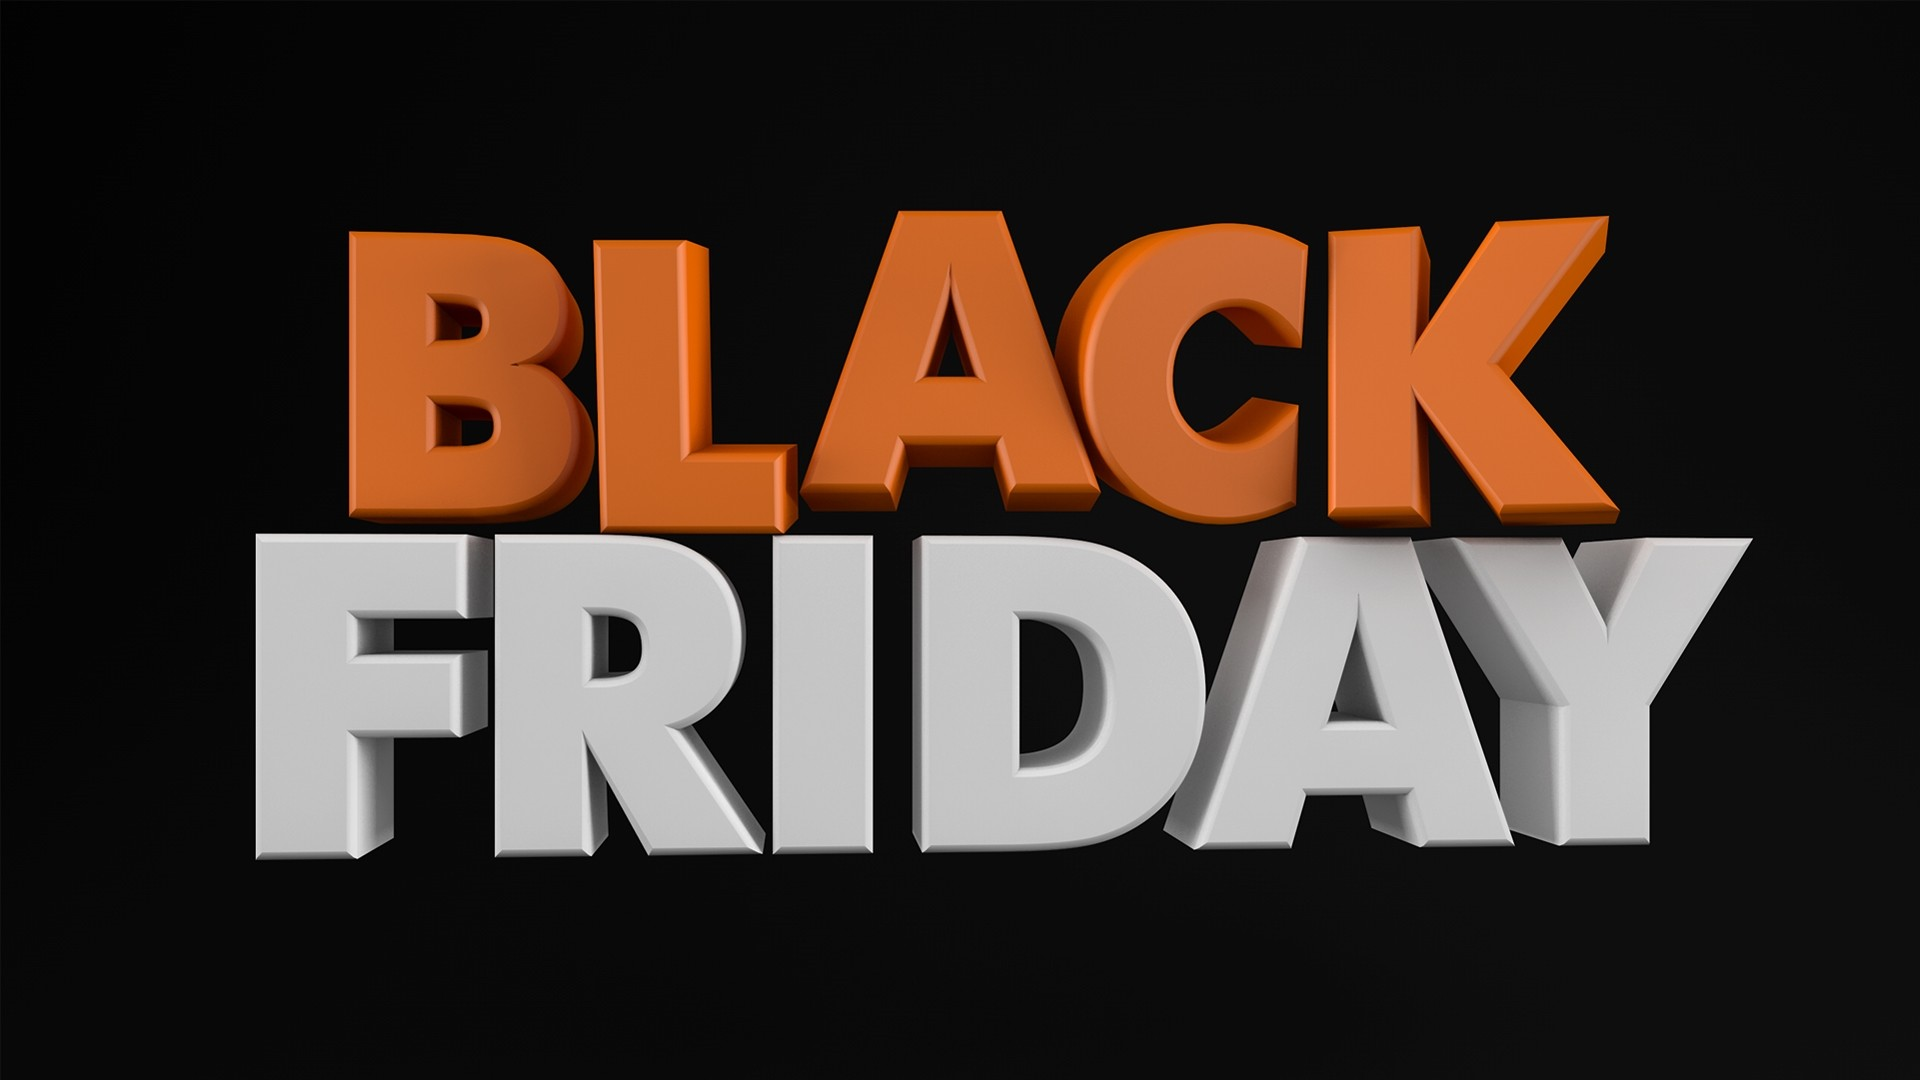 Black Friday Full HD Wallpaper